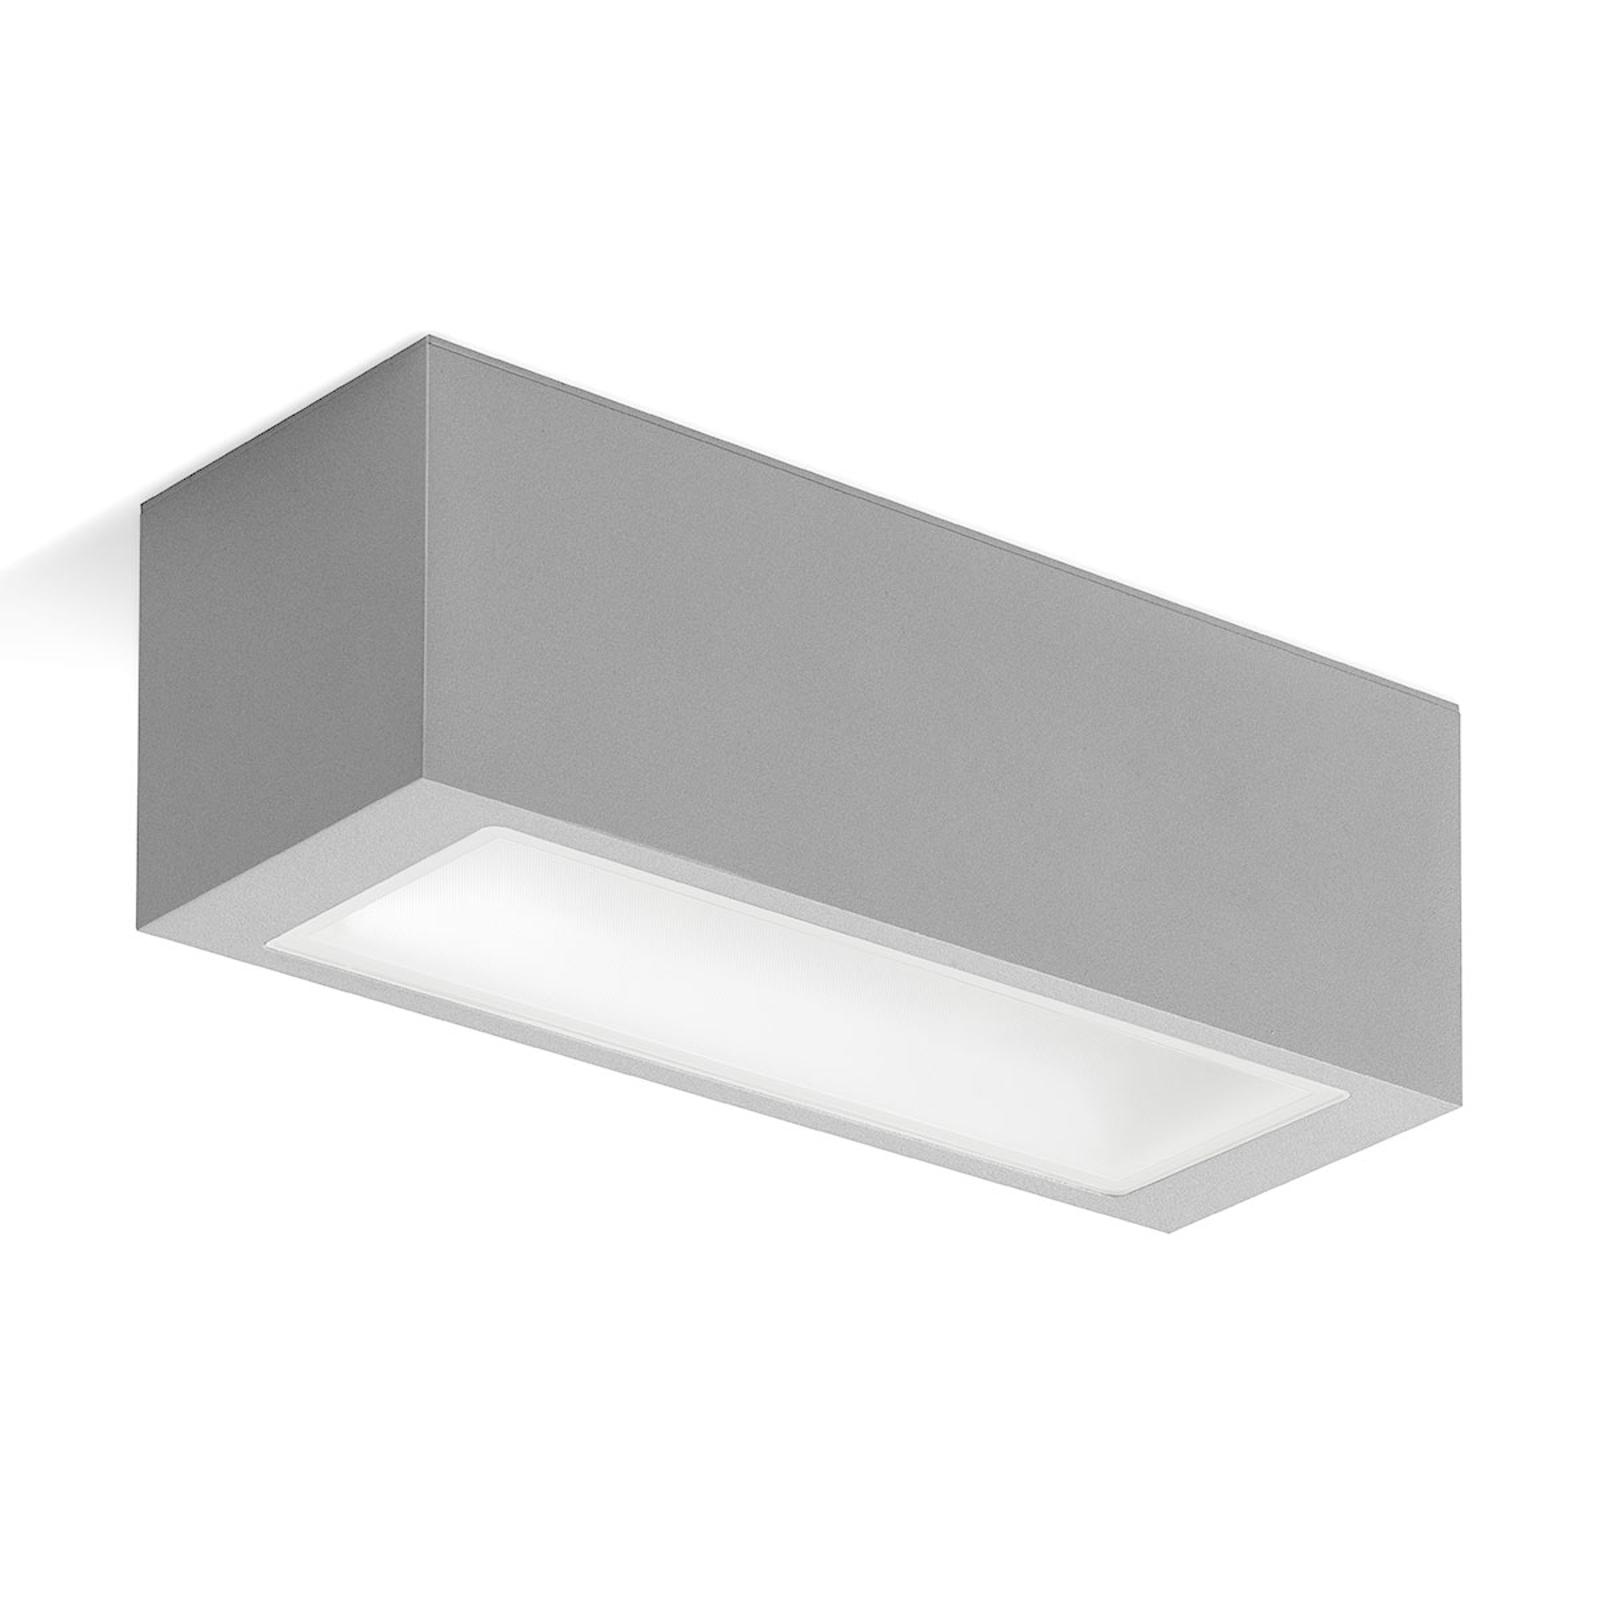 LED-vegglampe 303560, optisk symmetrisk 3000K